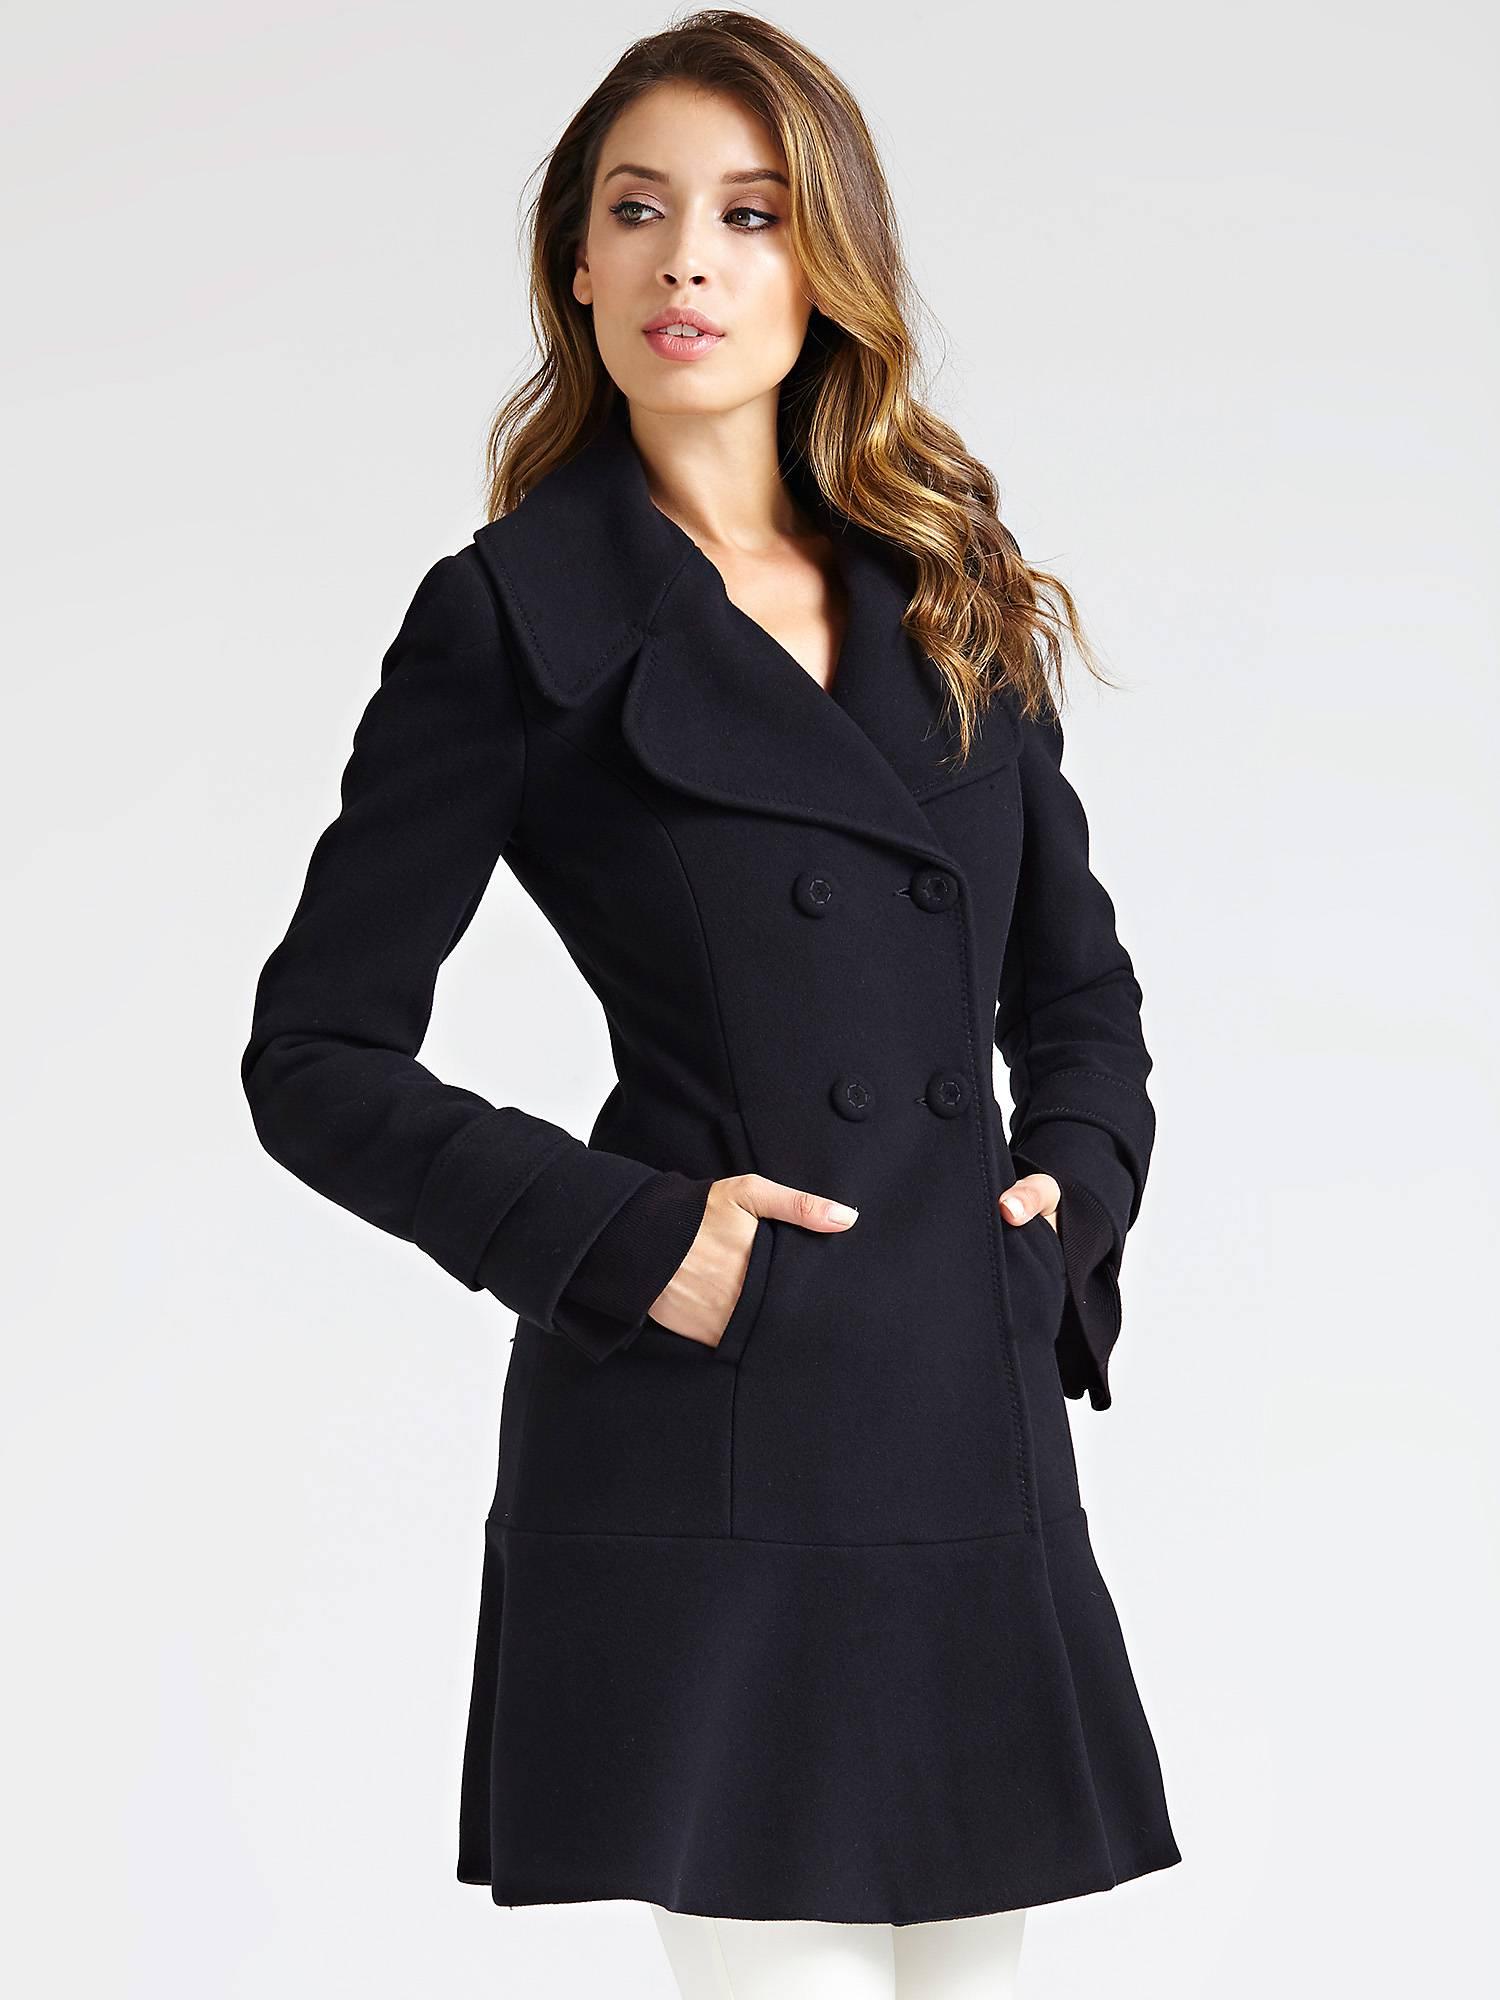 Manteau guess femme